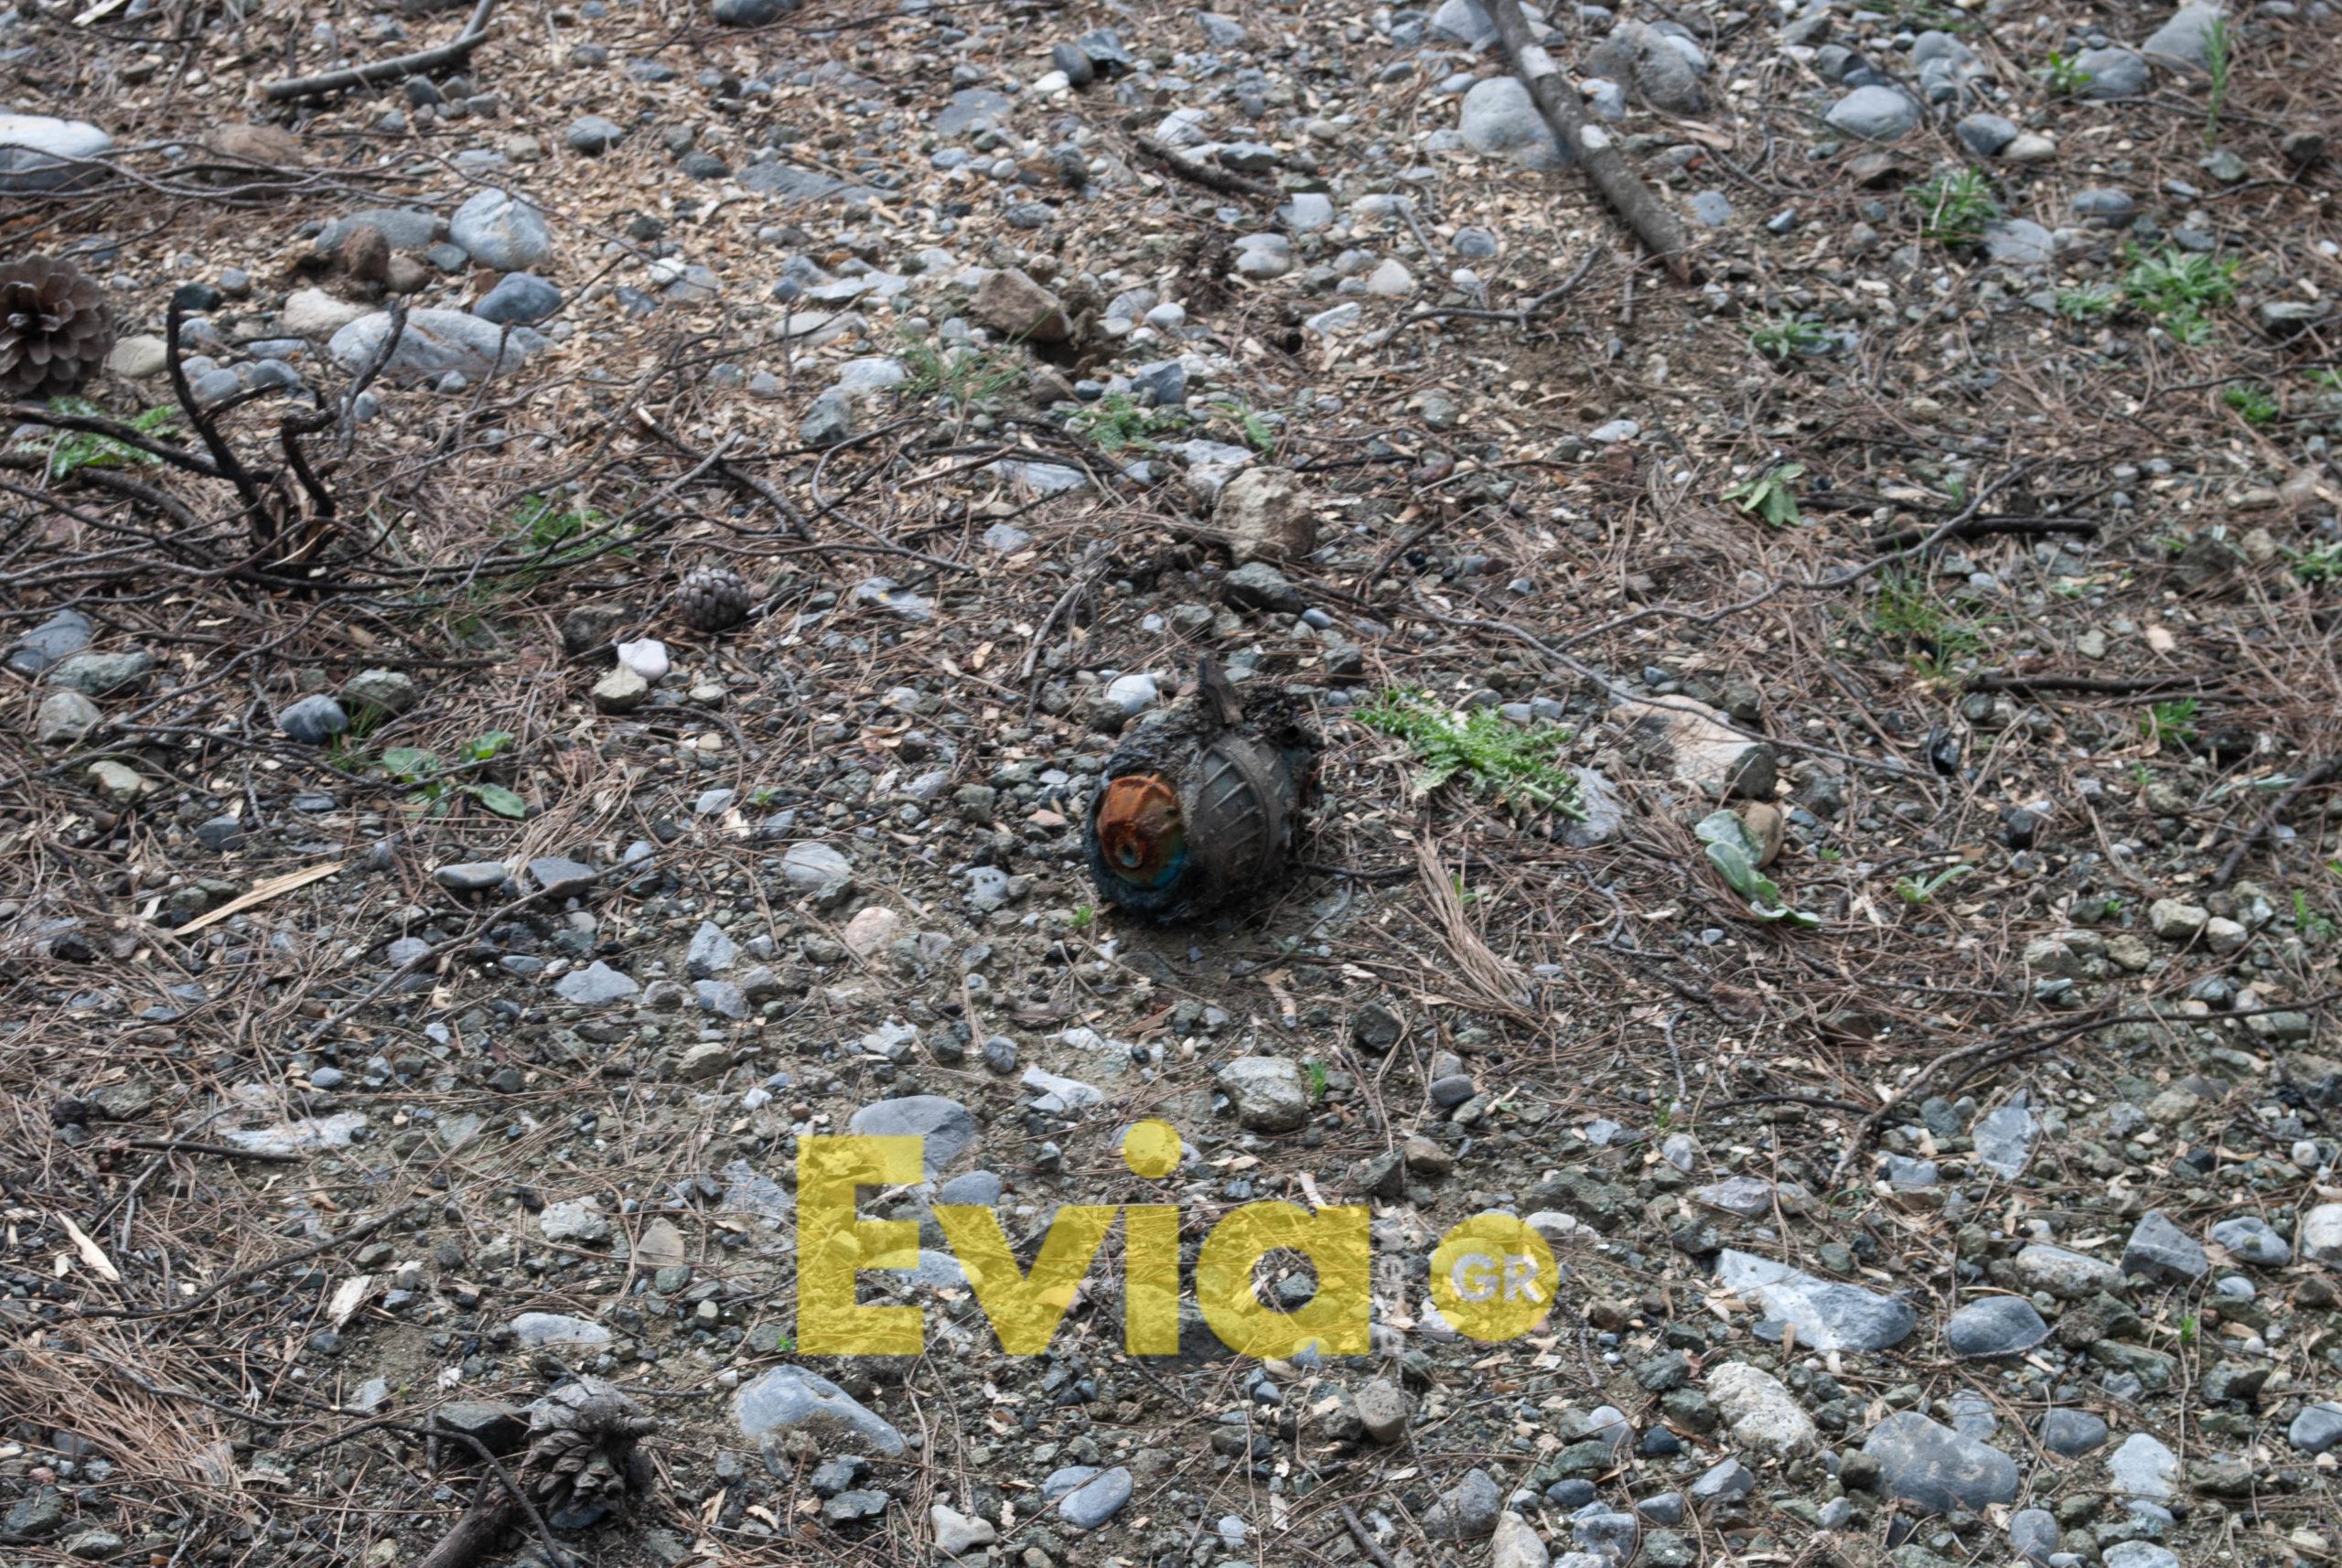 αναδάσωση μακρυμάλλη ΑΠΟΚΛΕΙΣΤΙΚΟ – Μακρυμάλλι Ευβοίας: Βρέθηκε χειροβομβίδα στην περιοχή της αναδάσωσης (Φωτογραφίες – Βίντεο) DSC 0245 scaled